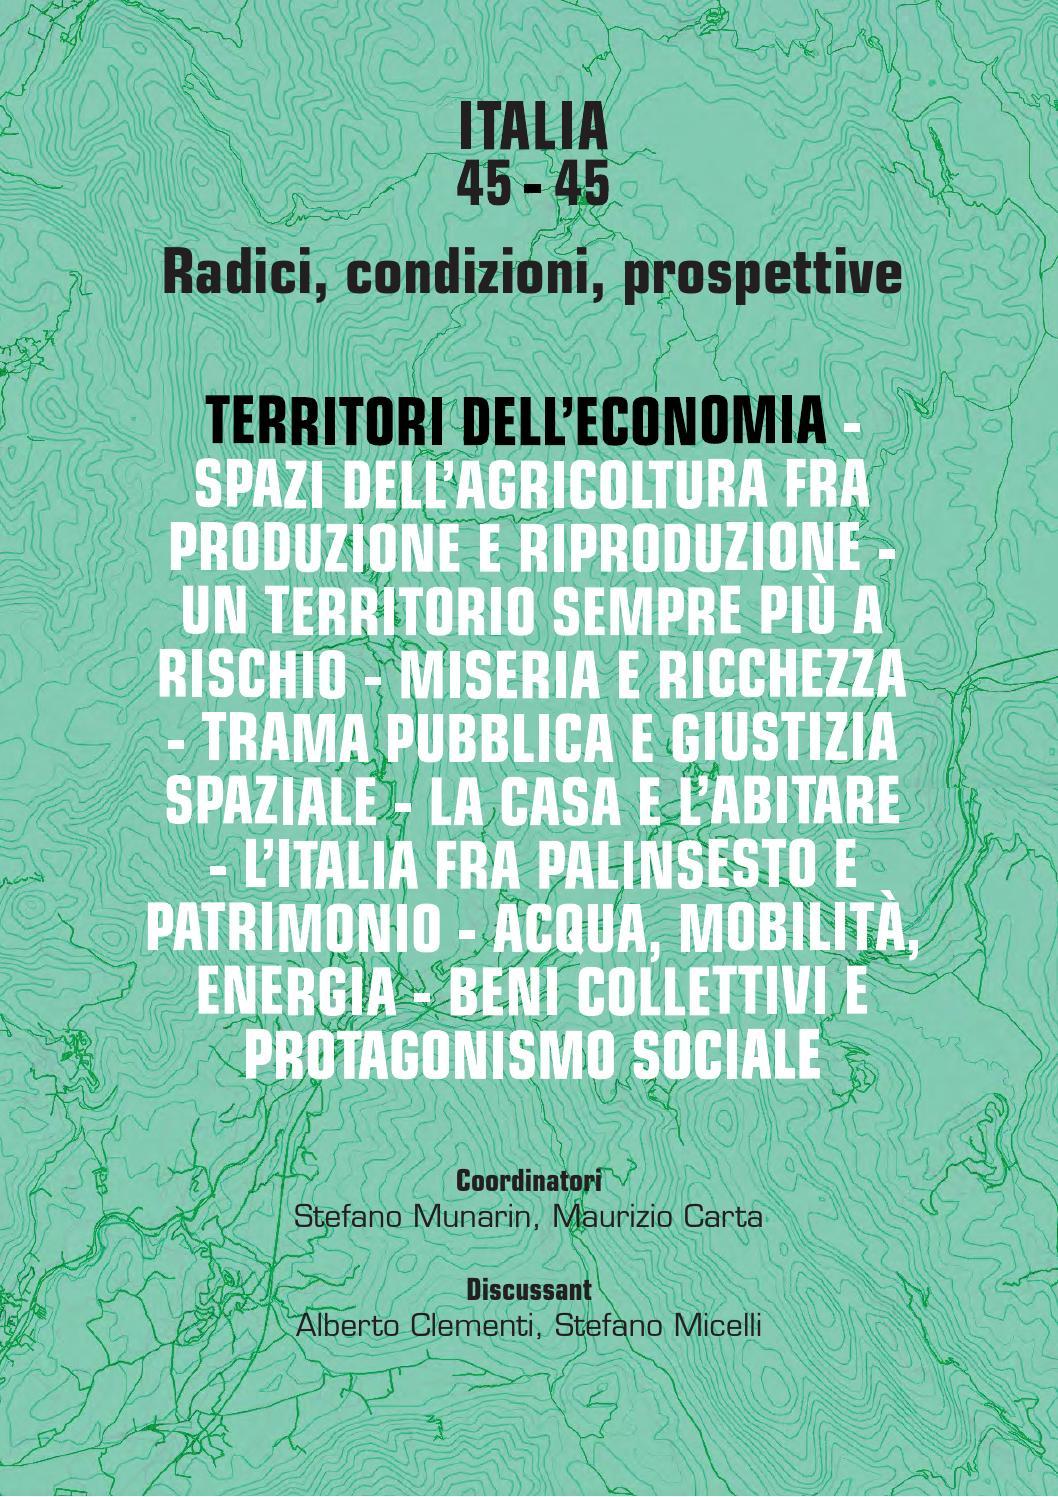 Atti della XVIII Conferenza nazionale SIU | Italia '45 '45